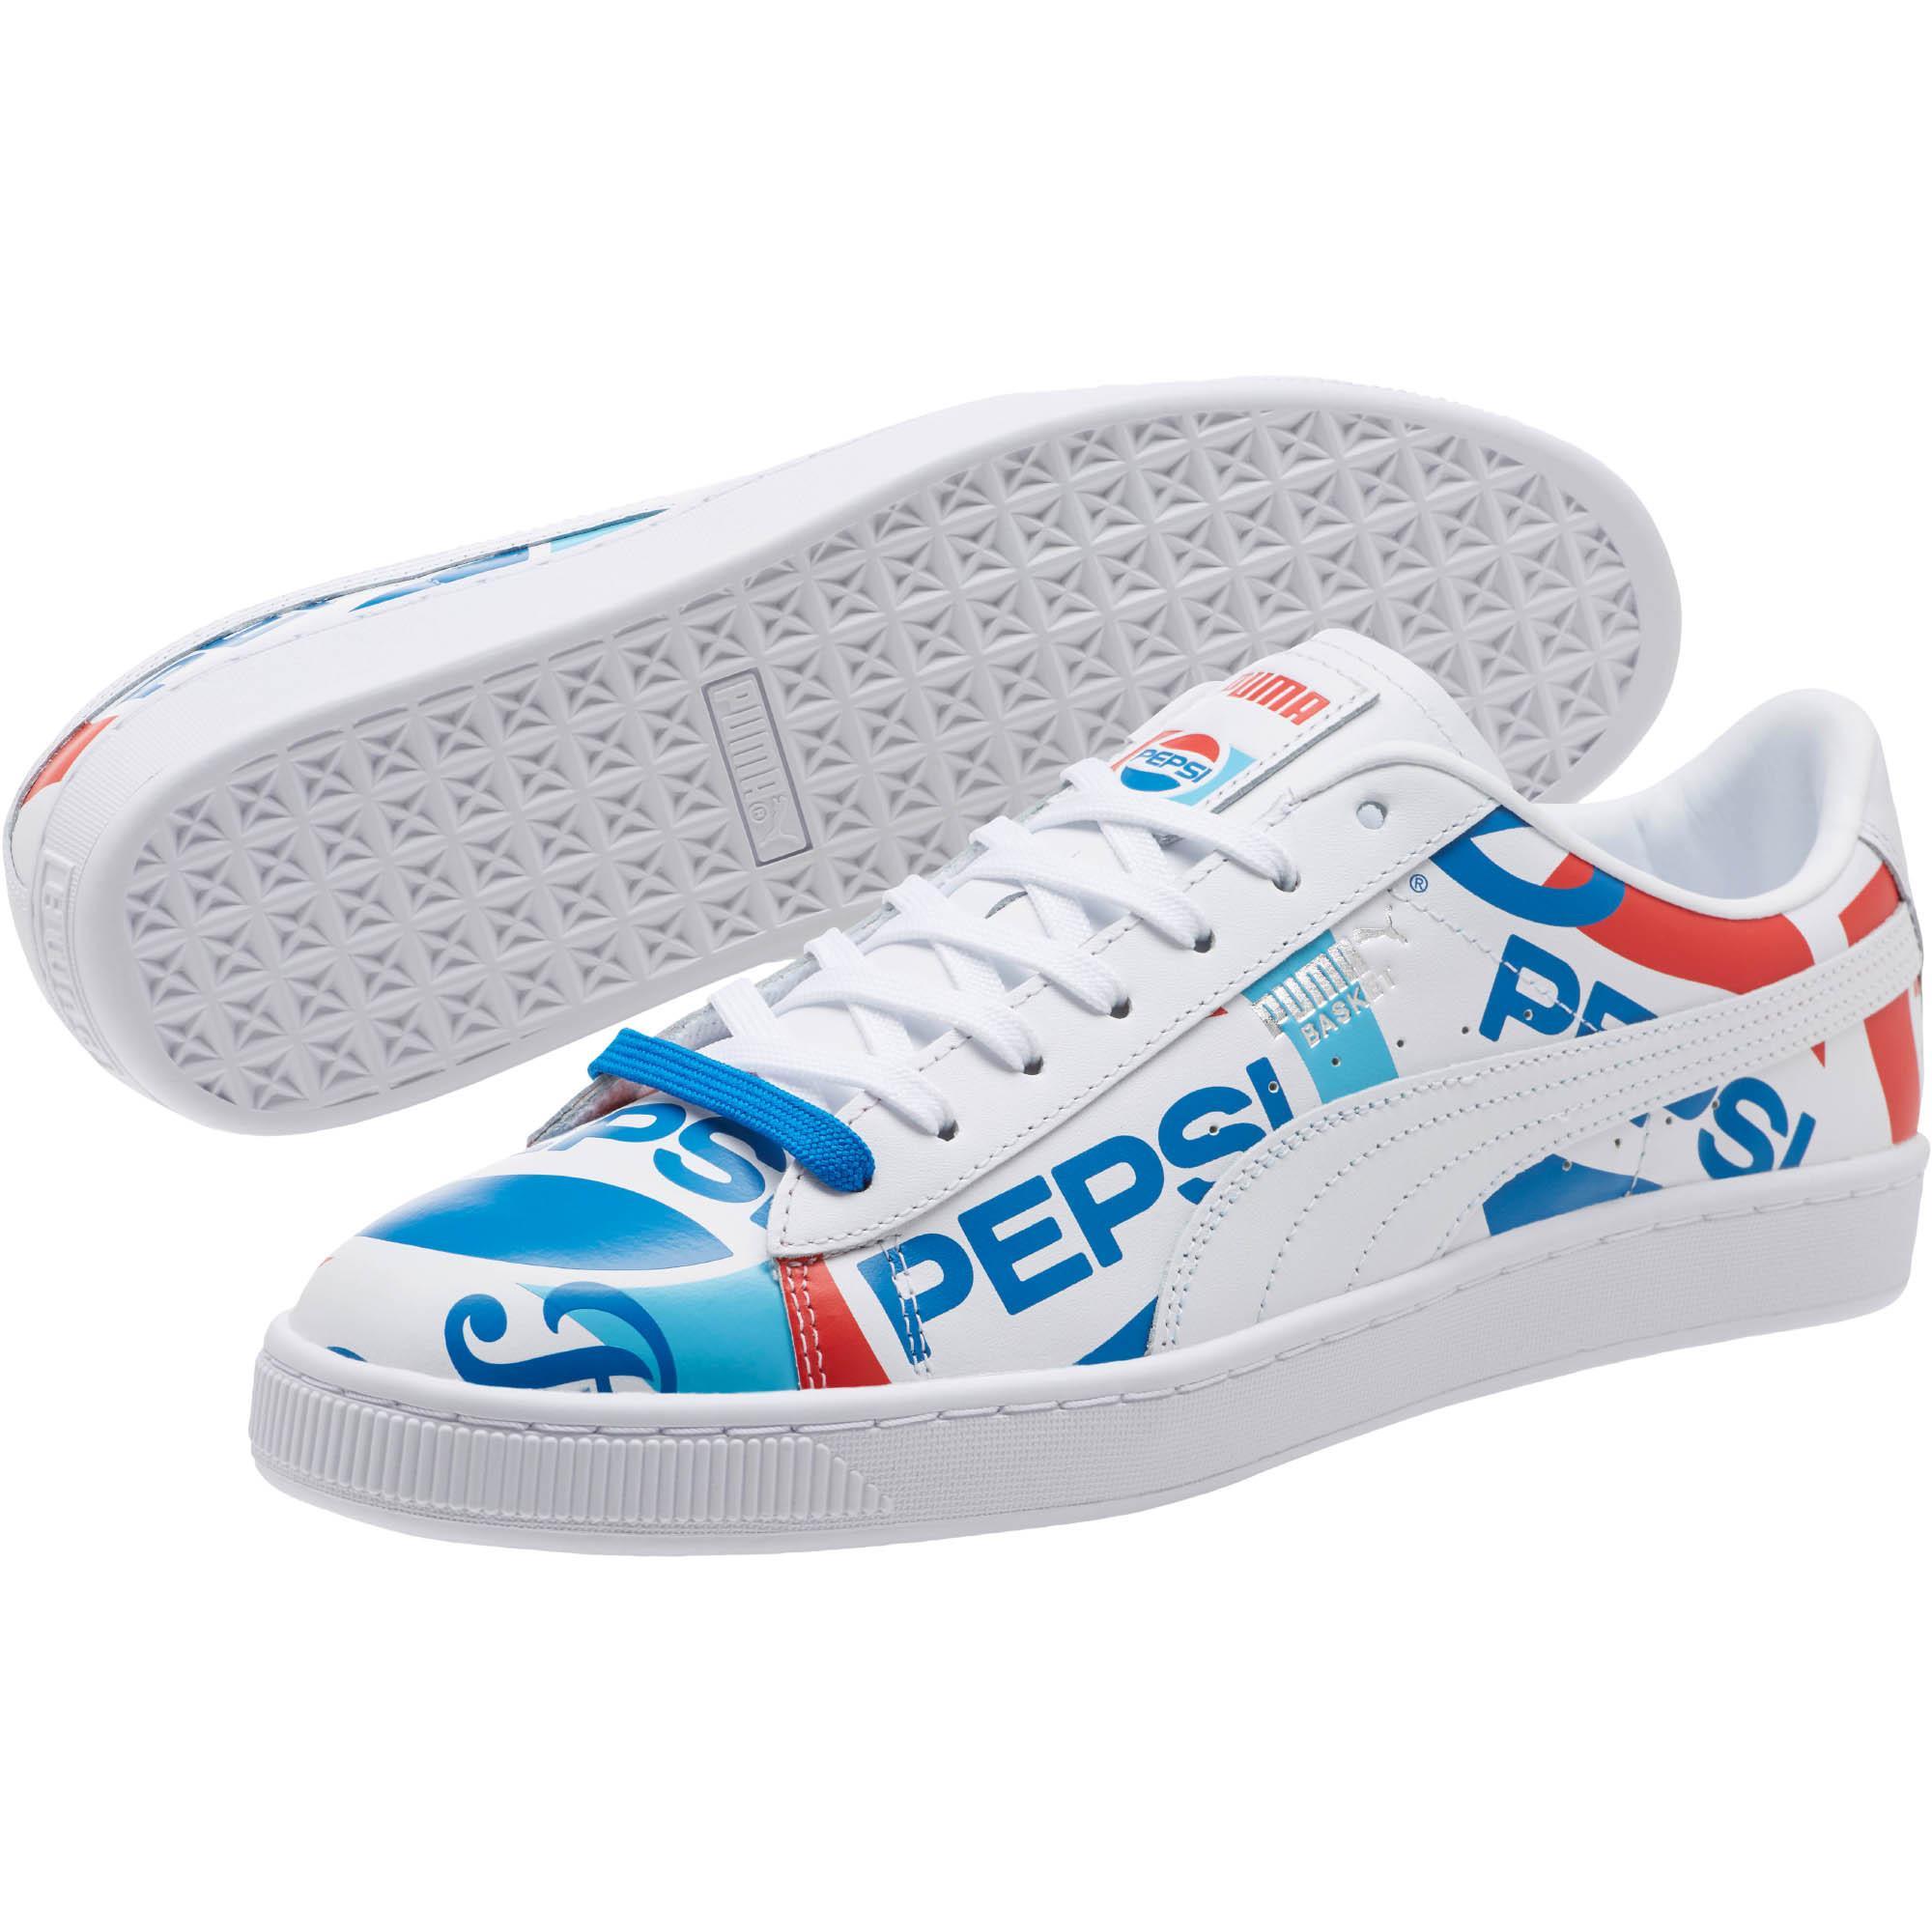 002a328cbac Lyst - PUMA Pepsi Basket in Blue for Men